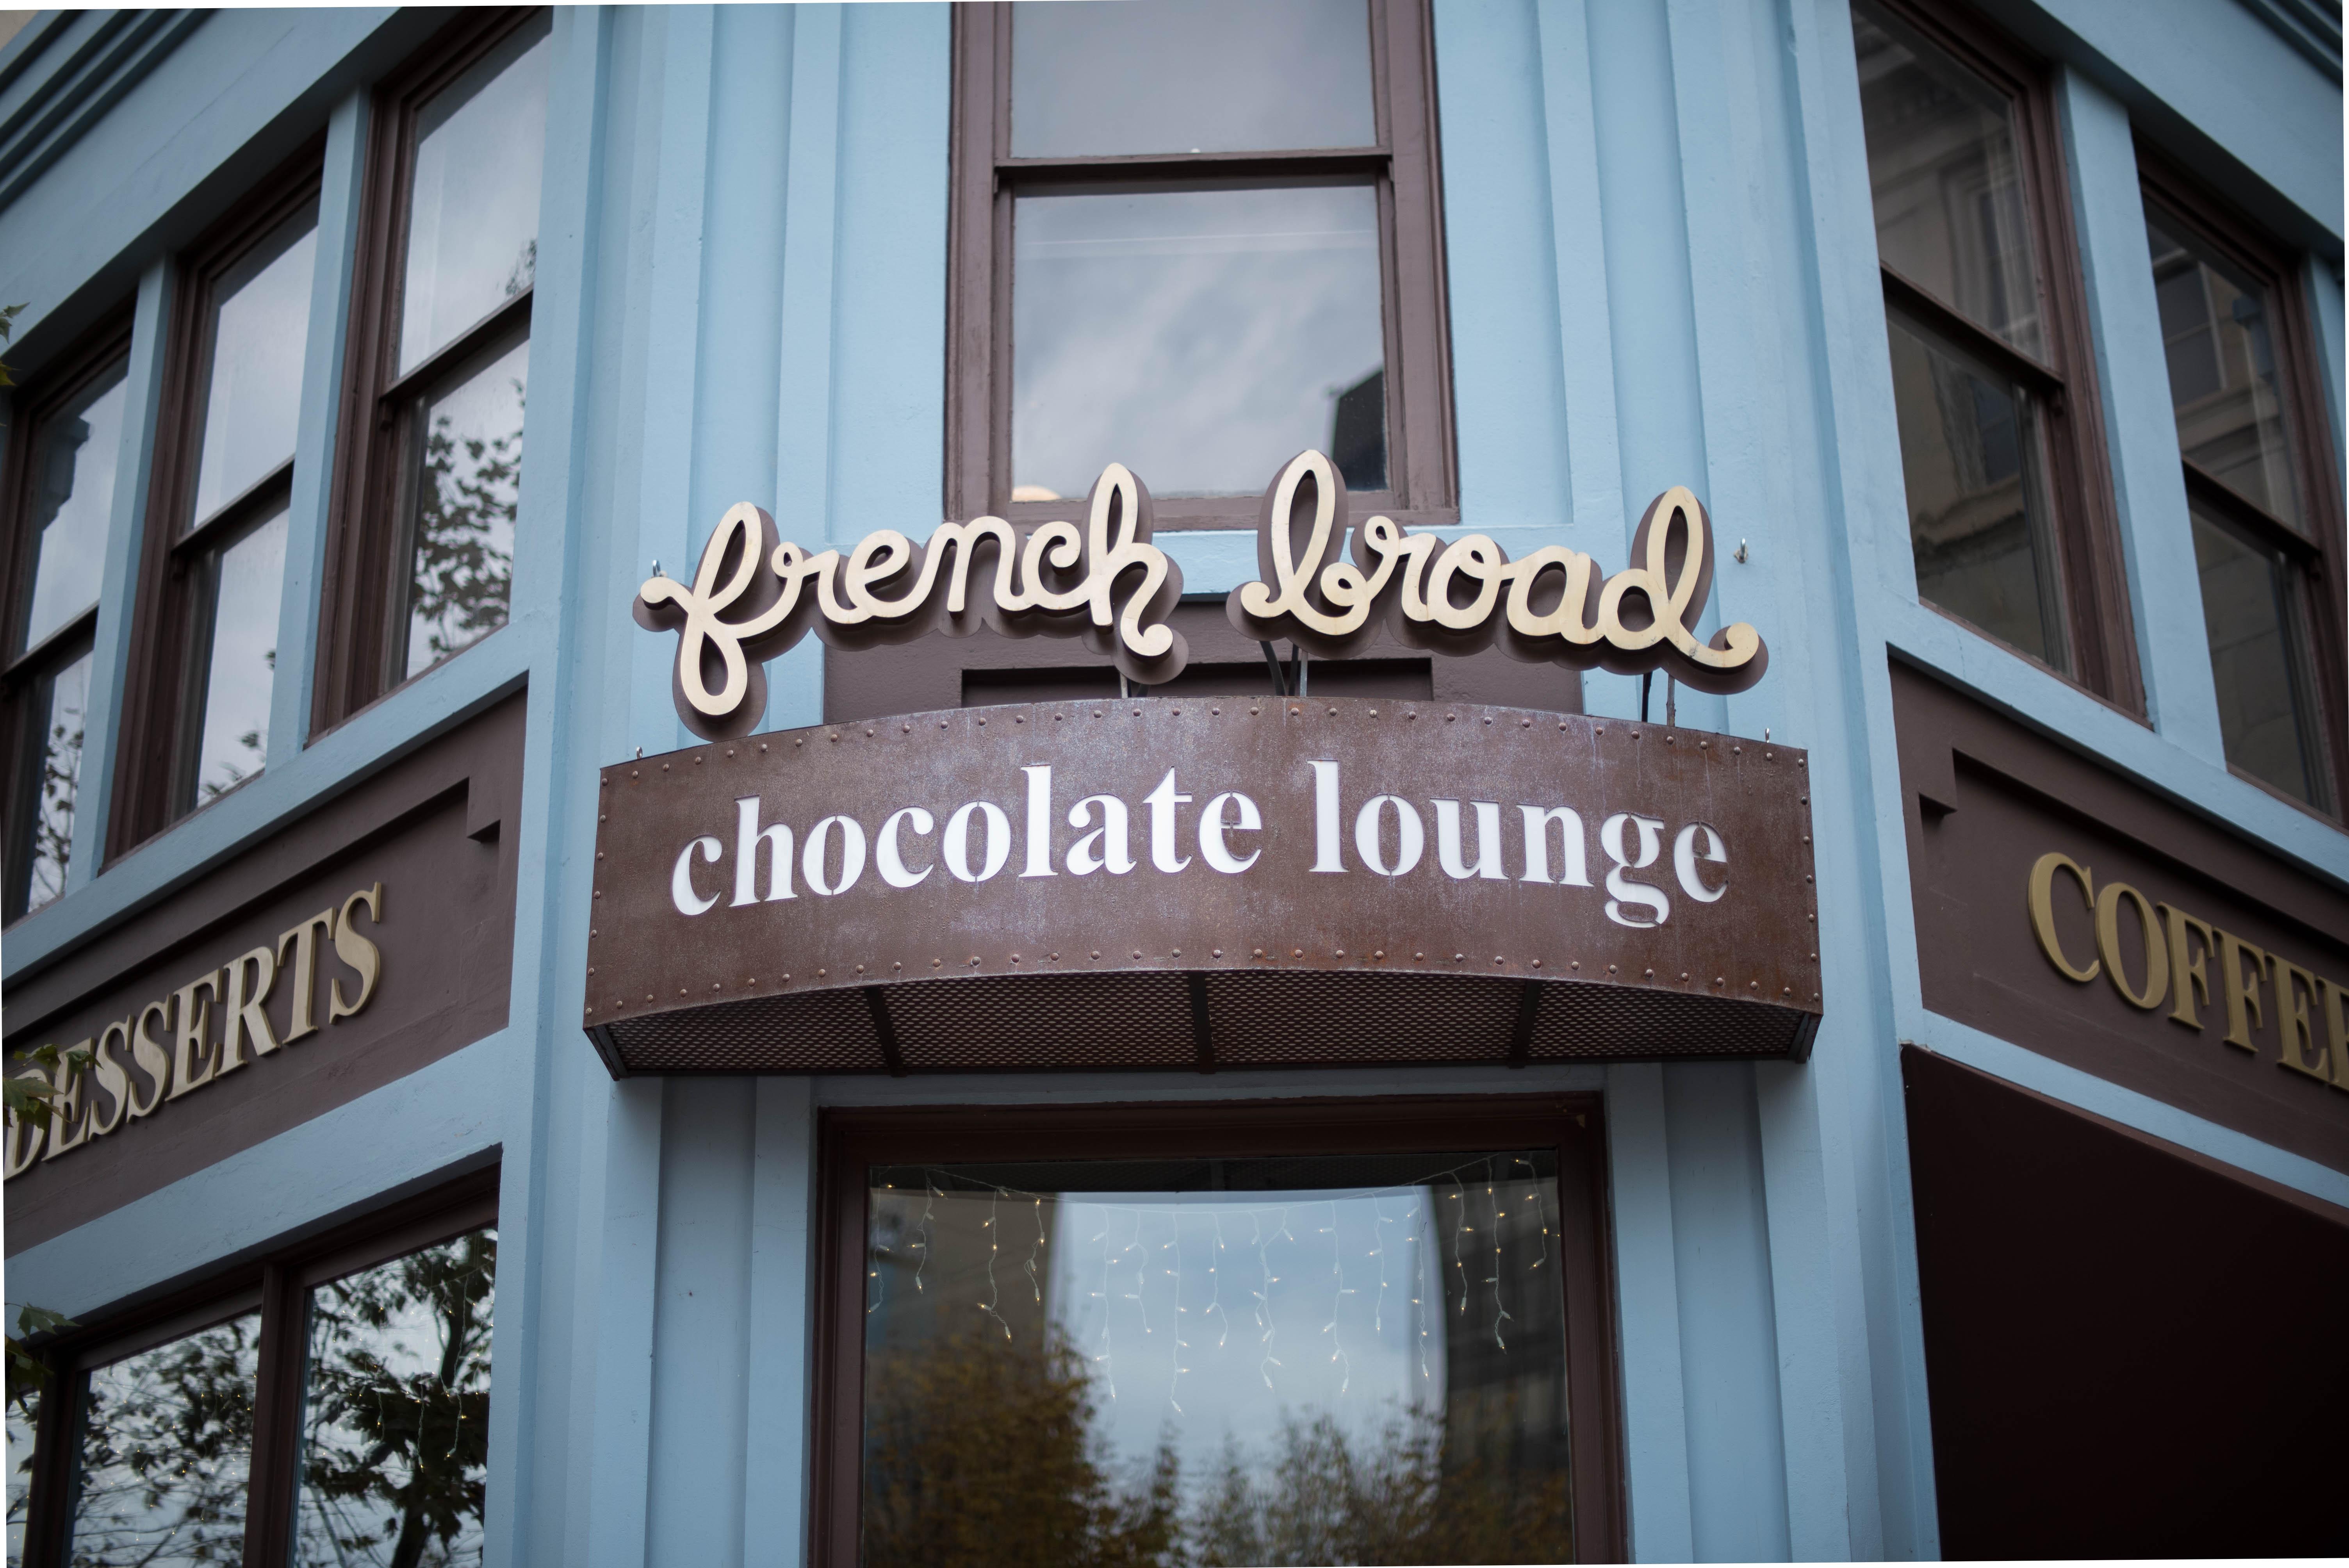 Making Artisanal Chocolate in Asheville, North Carolina - Meridian